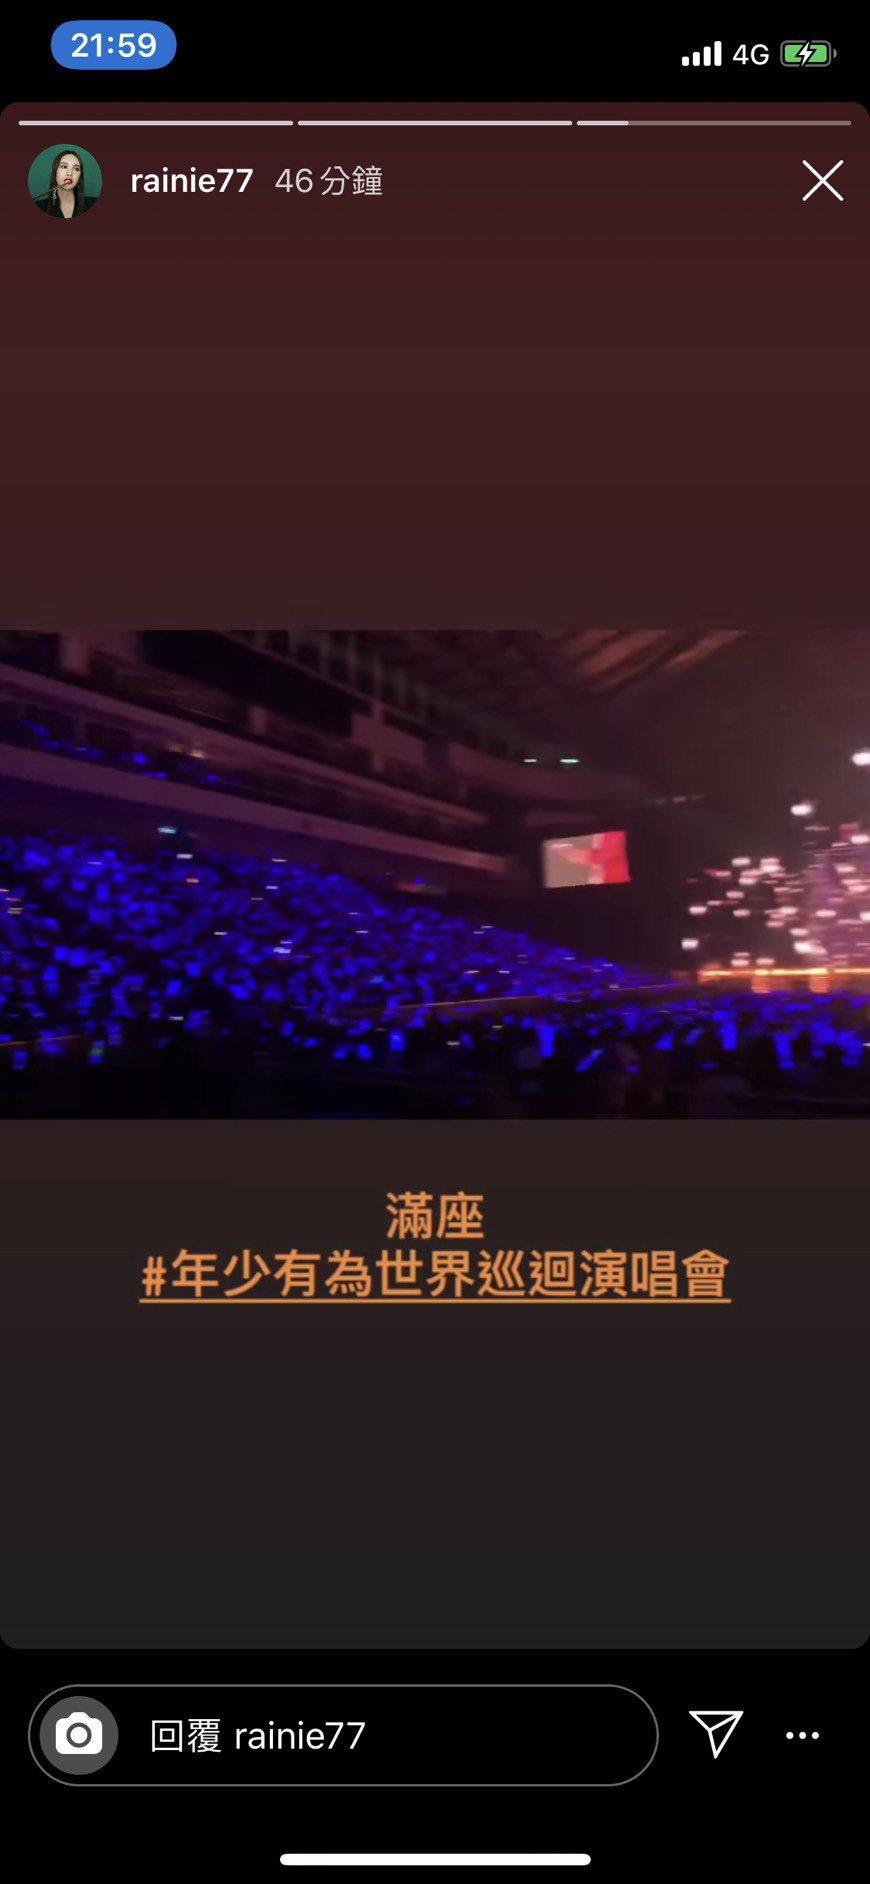 楊丞琳開唱後在ig分享李榮浩開唱的「滿座」人氣。圖/上引娛樂提供